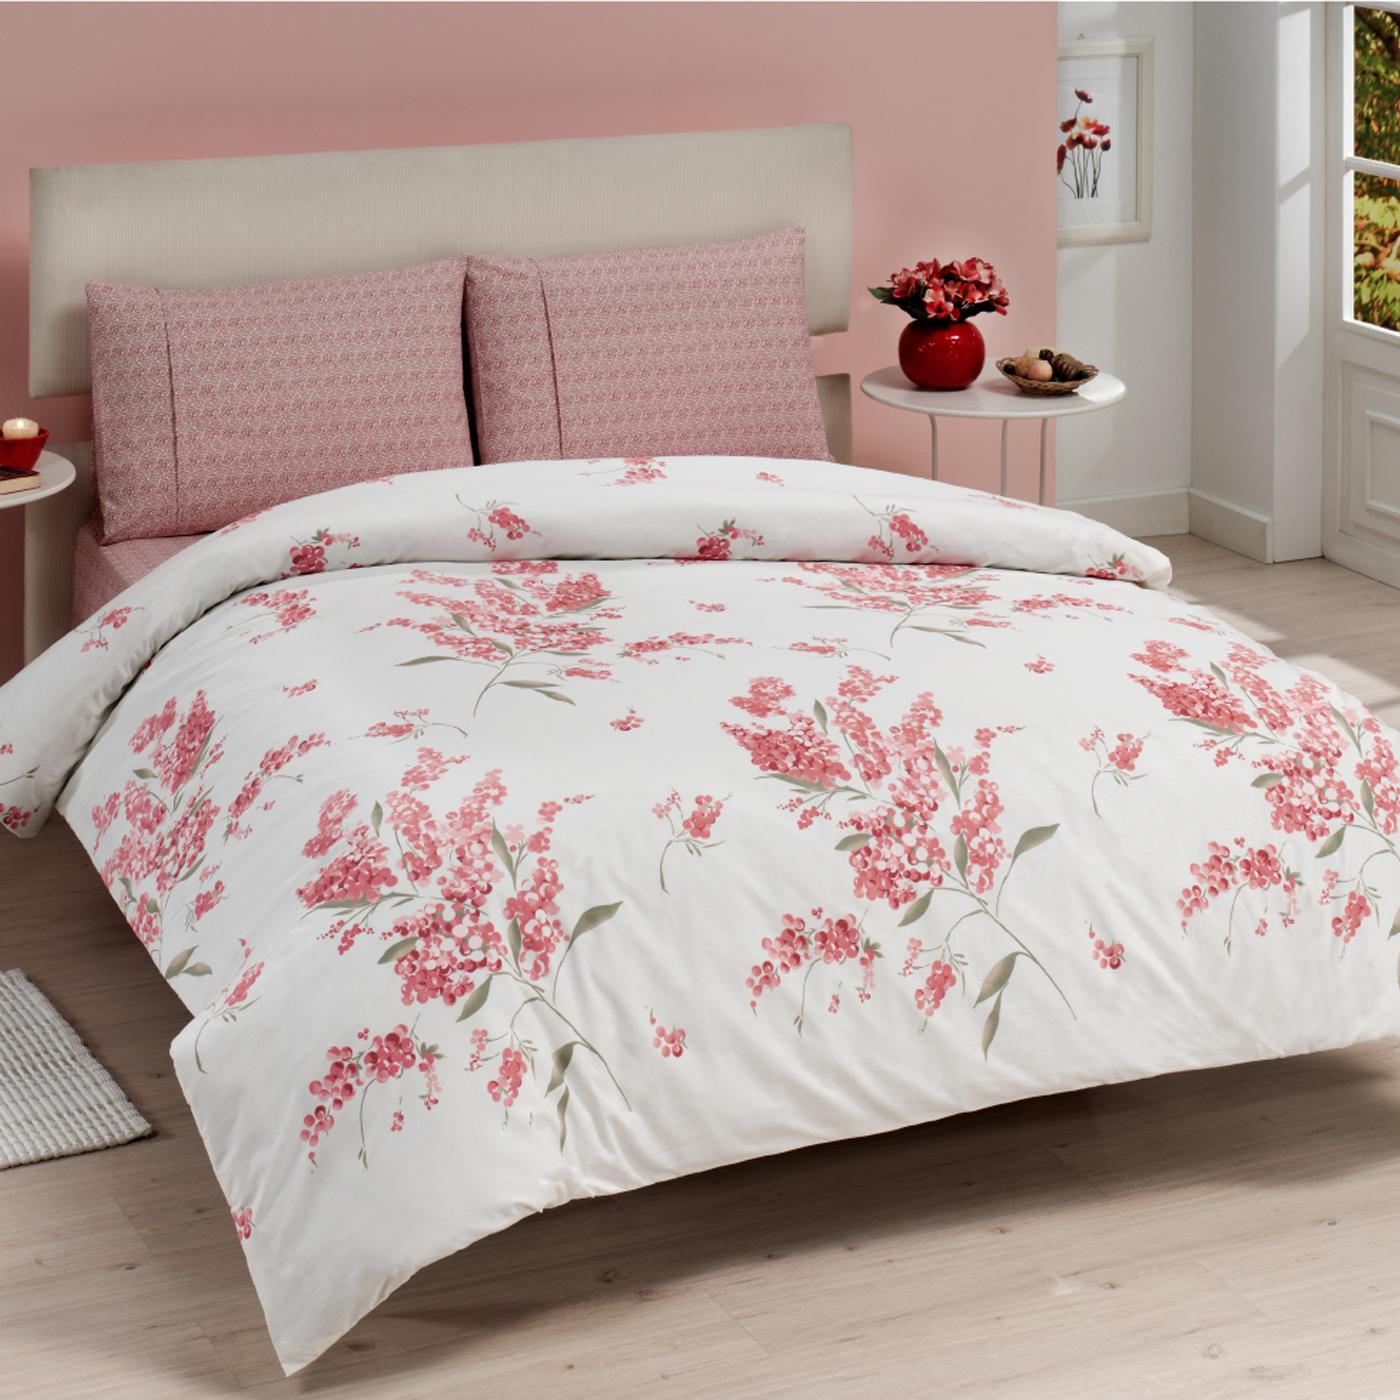 Купить Комплект постельного белья Mimoza Pink Euro, inmyroom, Турция